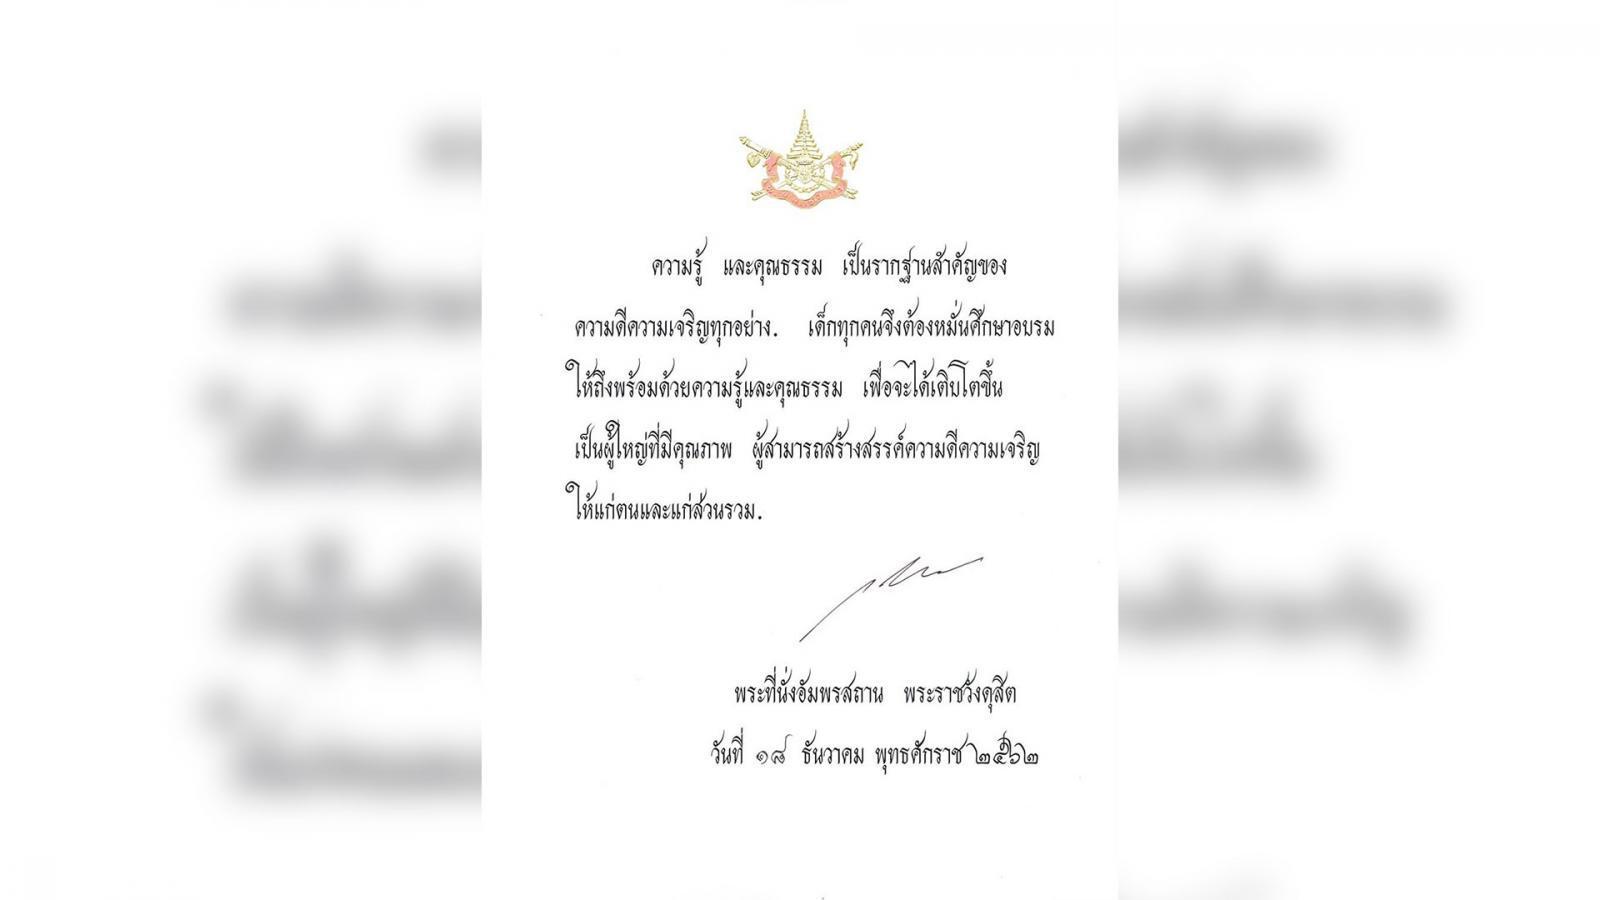 ในหลวง ร. 10  พระราชทานพระบรมราโชวาทฯ ลงพิมพ์หนังสือวันเด็กแห่งชาติ ปี 2563